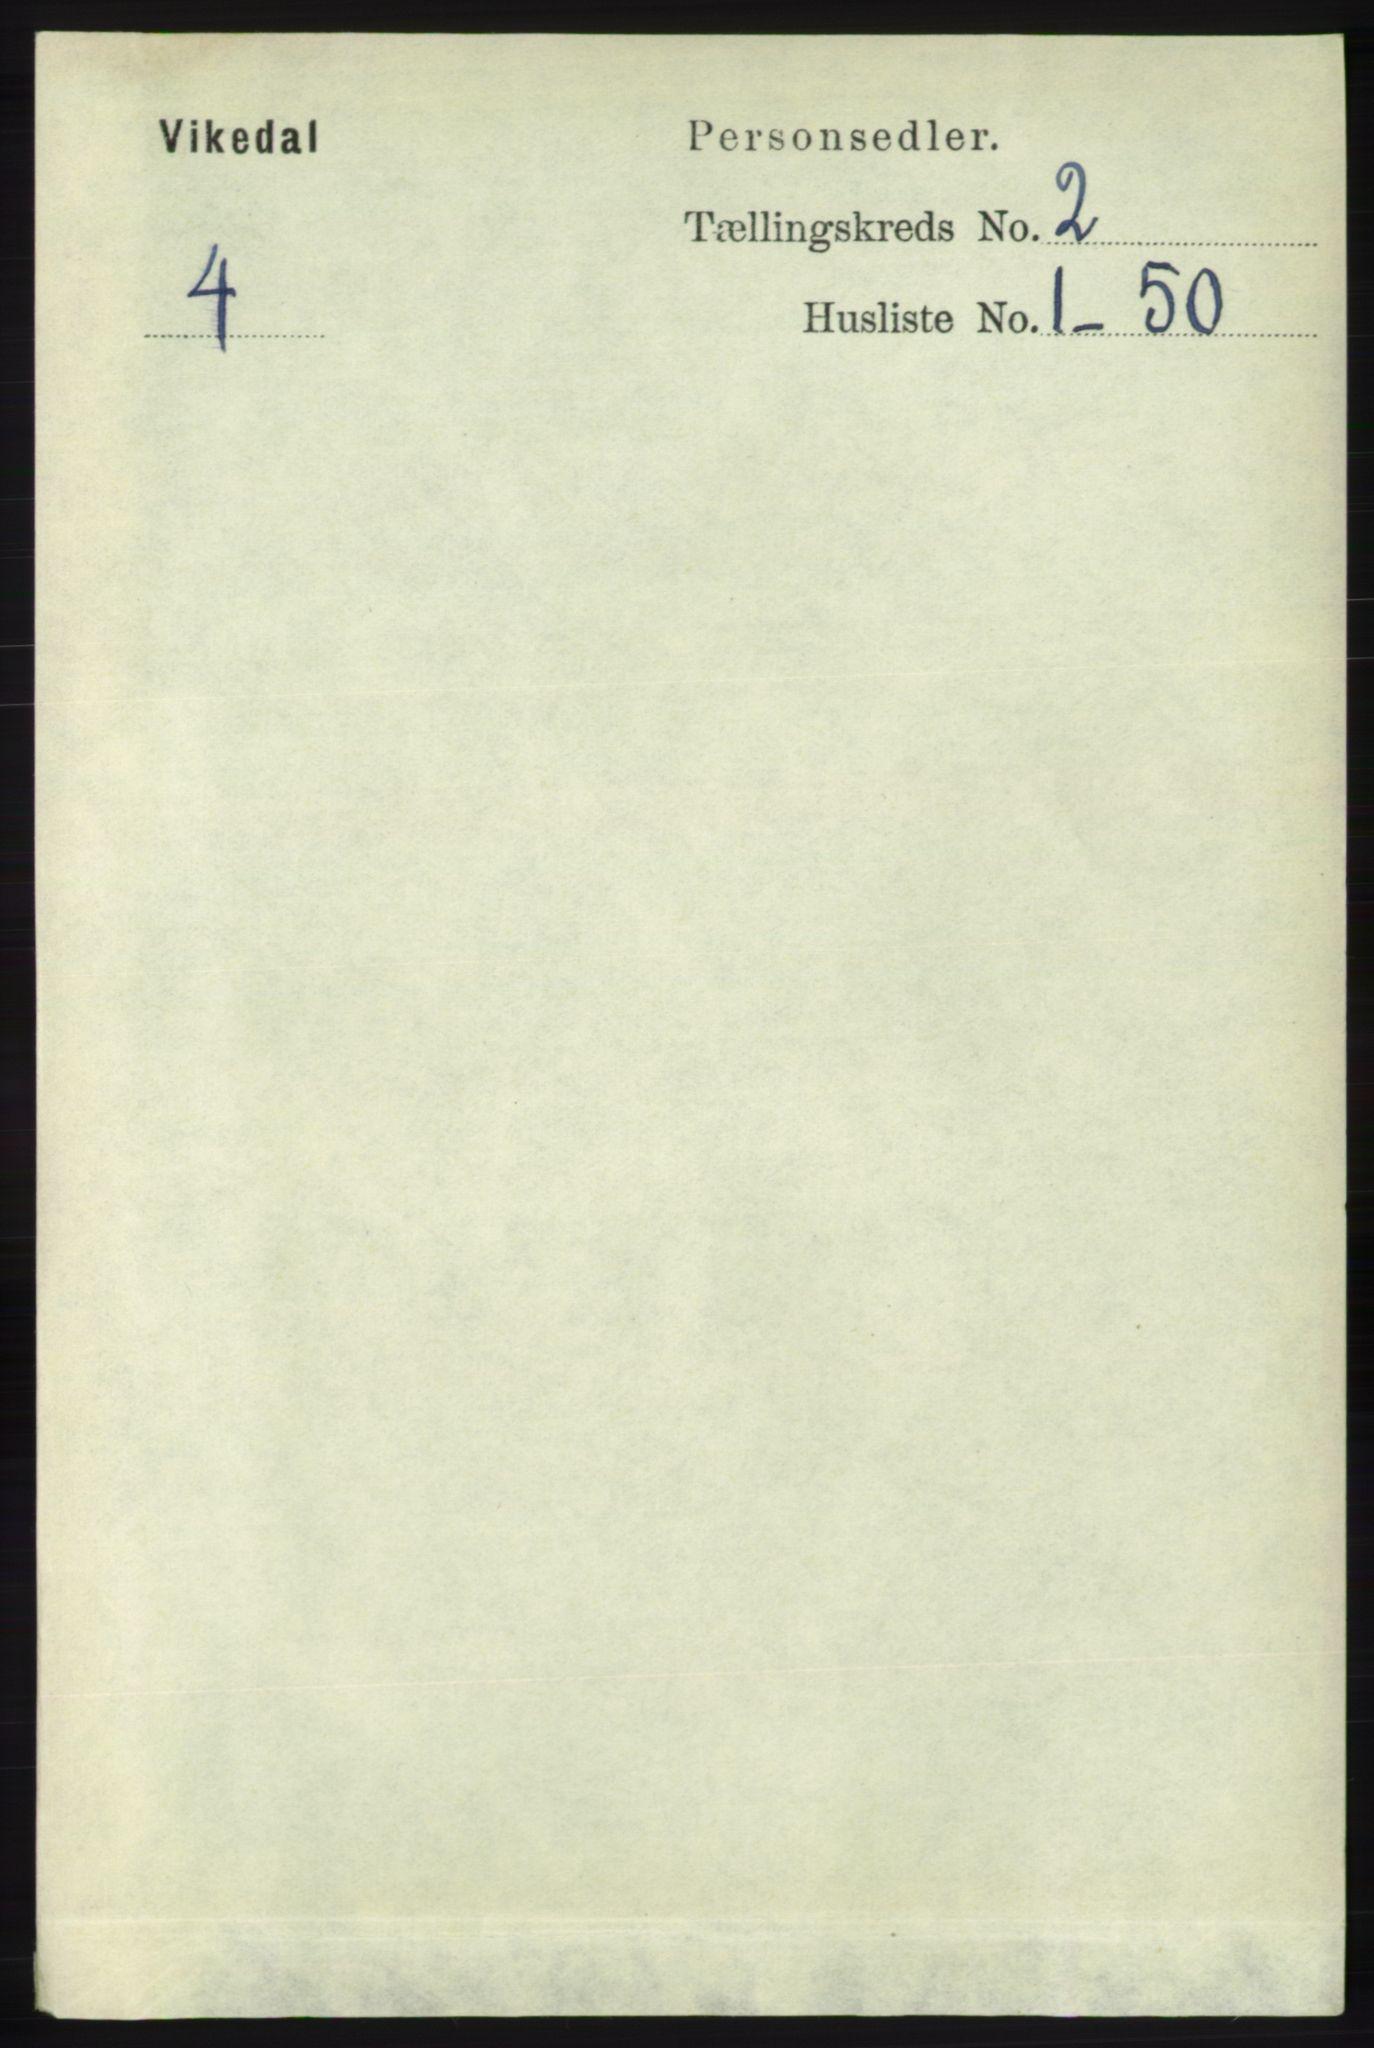 RA, Folketelling 1891 for 1157 Vikedal herred, 1891, s. 287